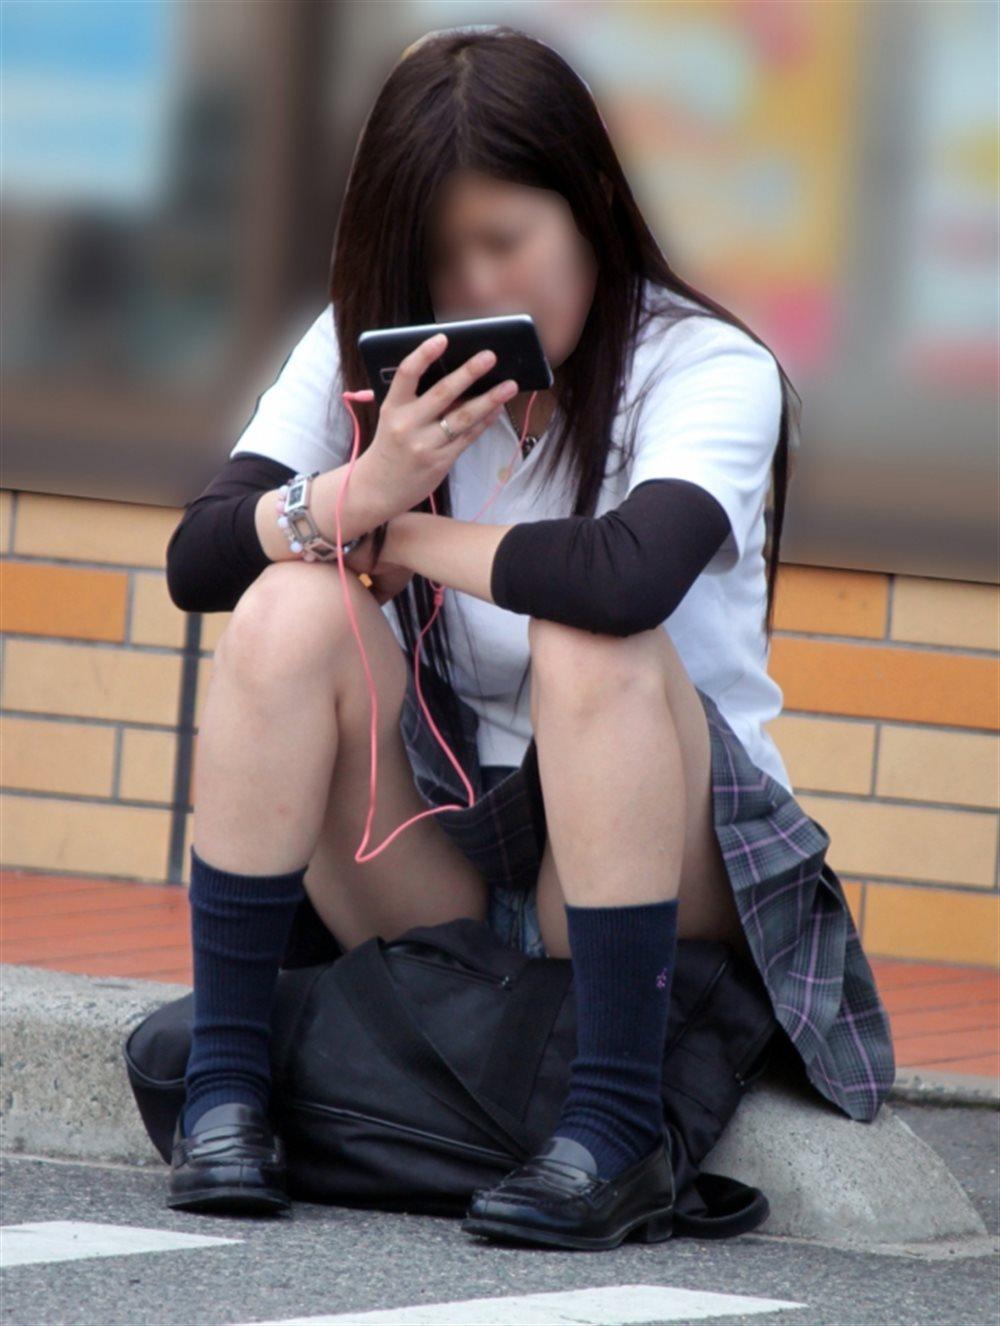 女子高生も短いスカートから下着が丸見え (3)